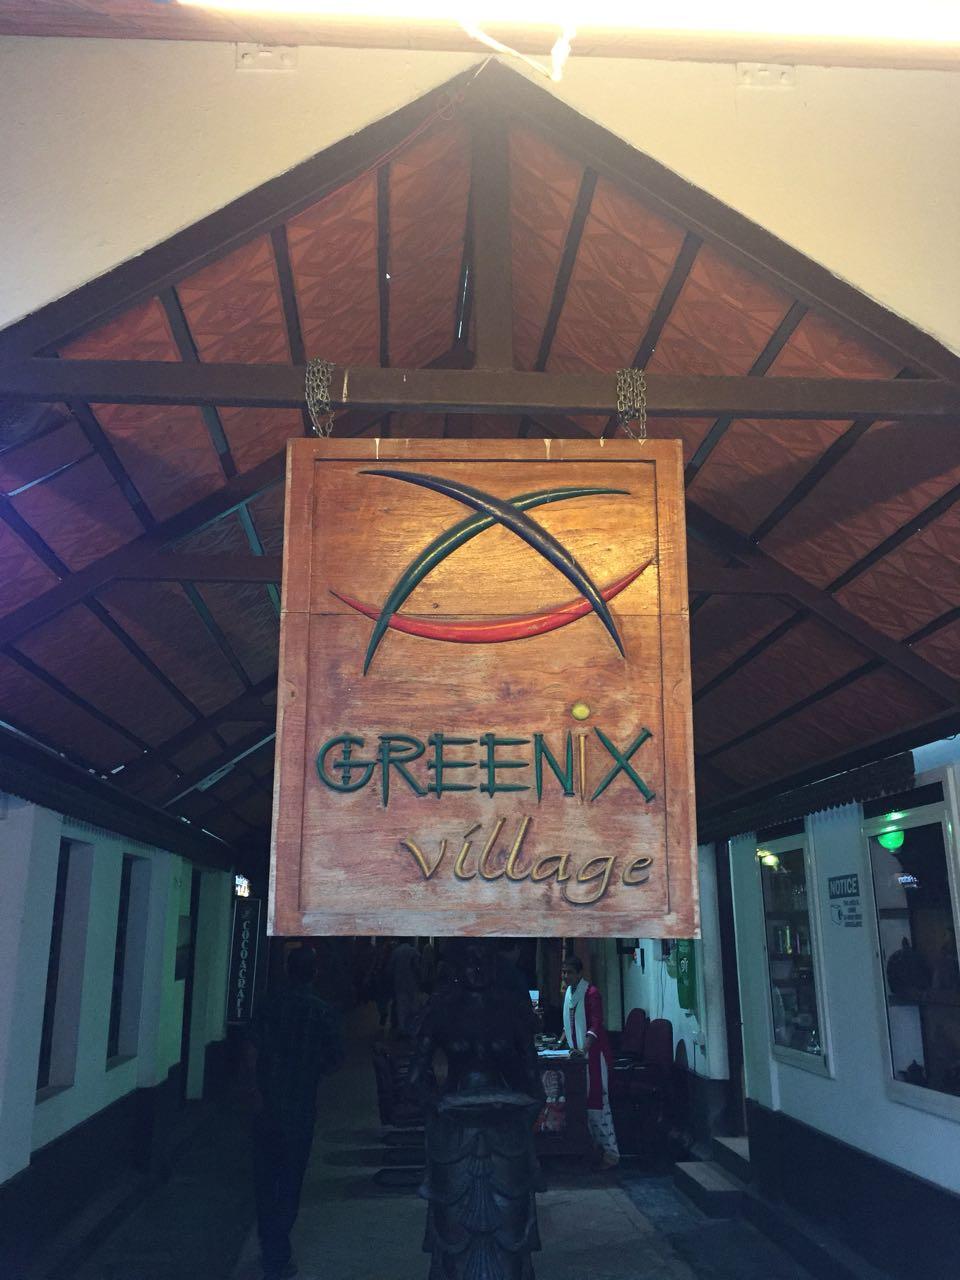 Greenix village